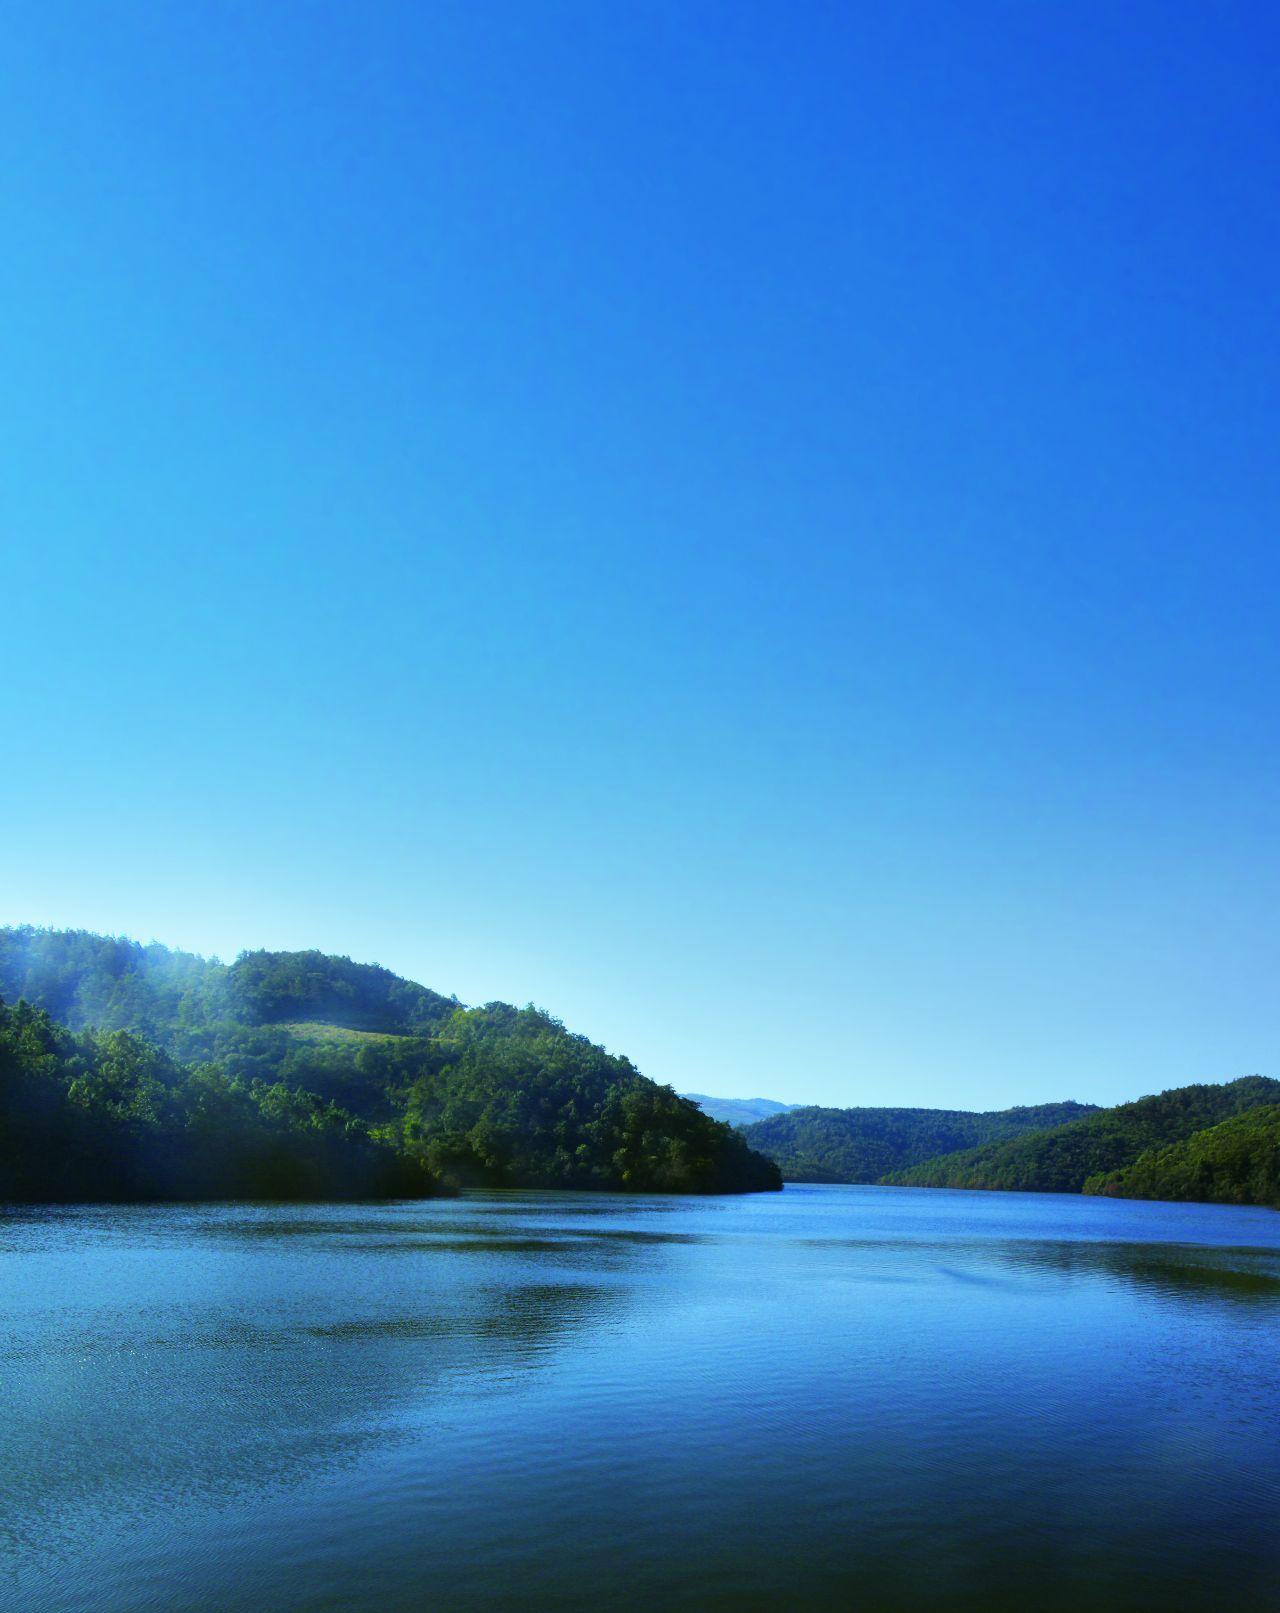 云南最适合自驾游的温泉景区风景独美我要去大自然中泡温泉!(图19)